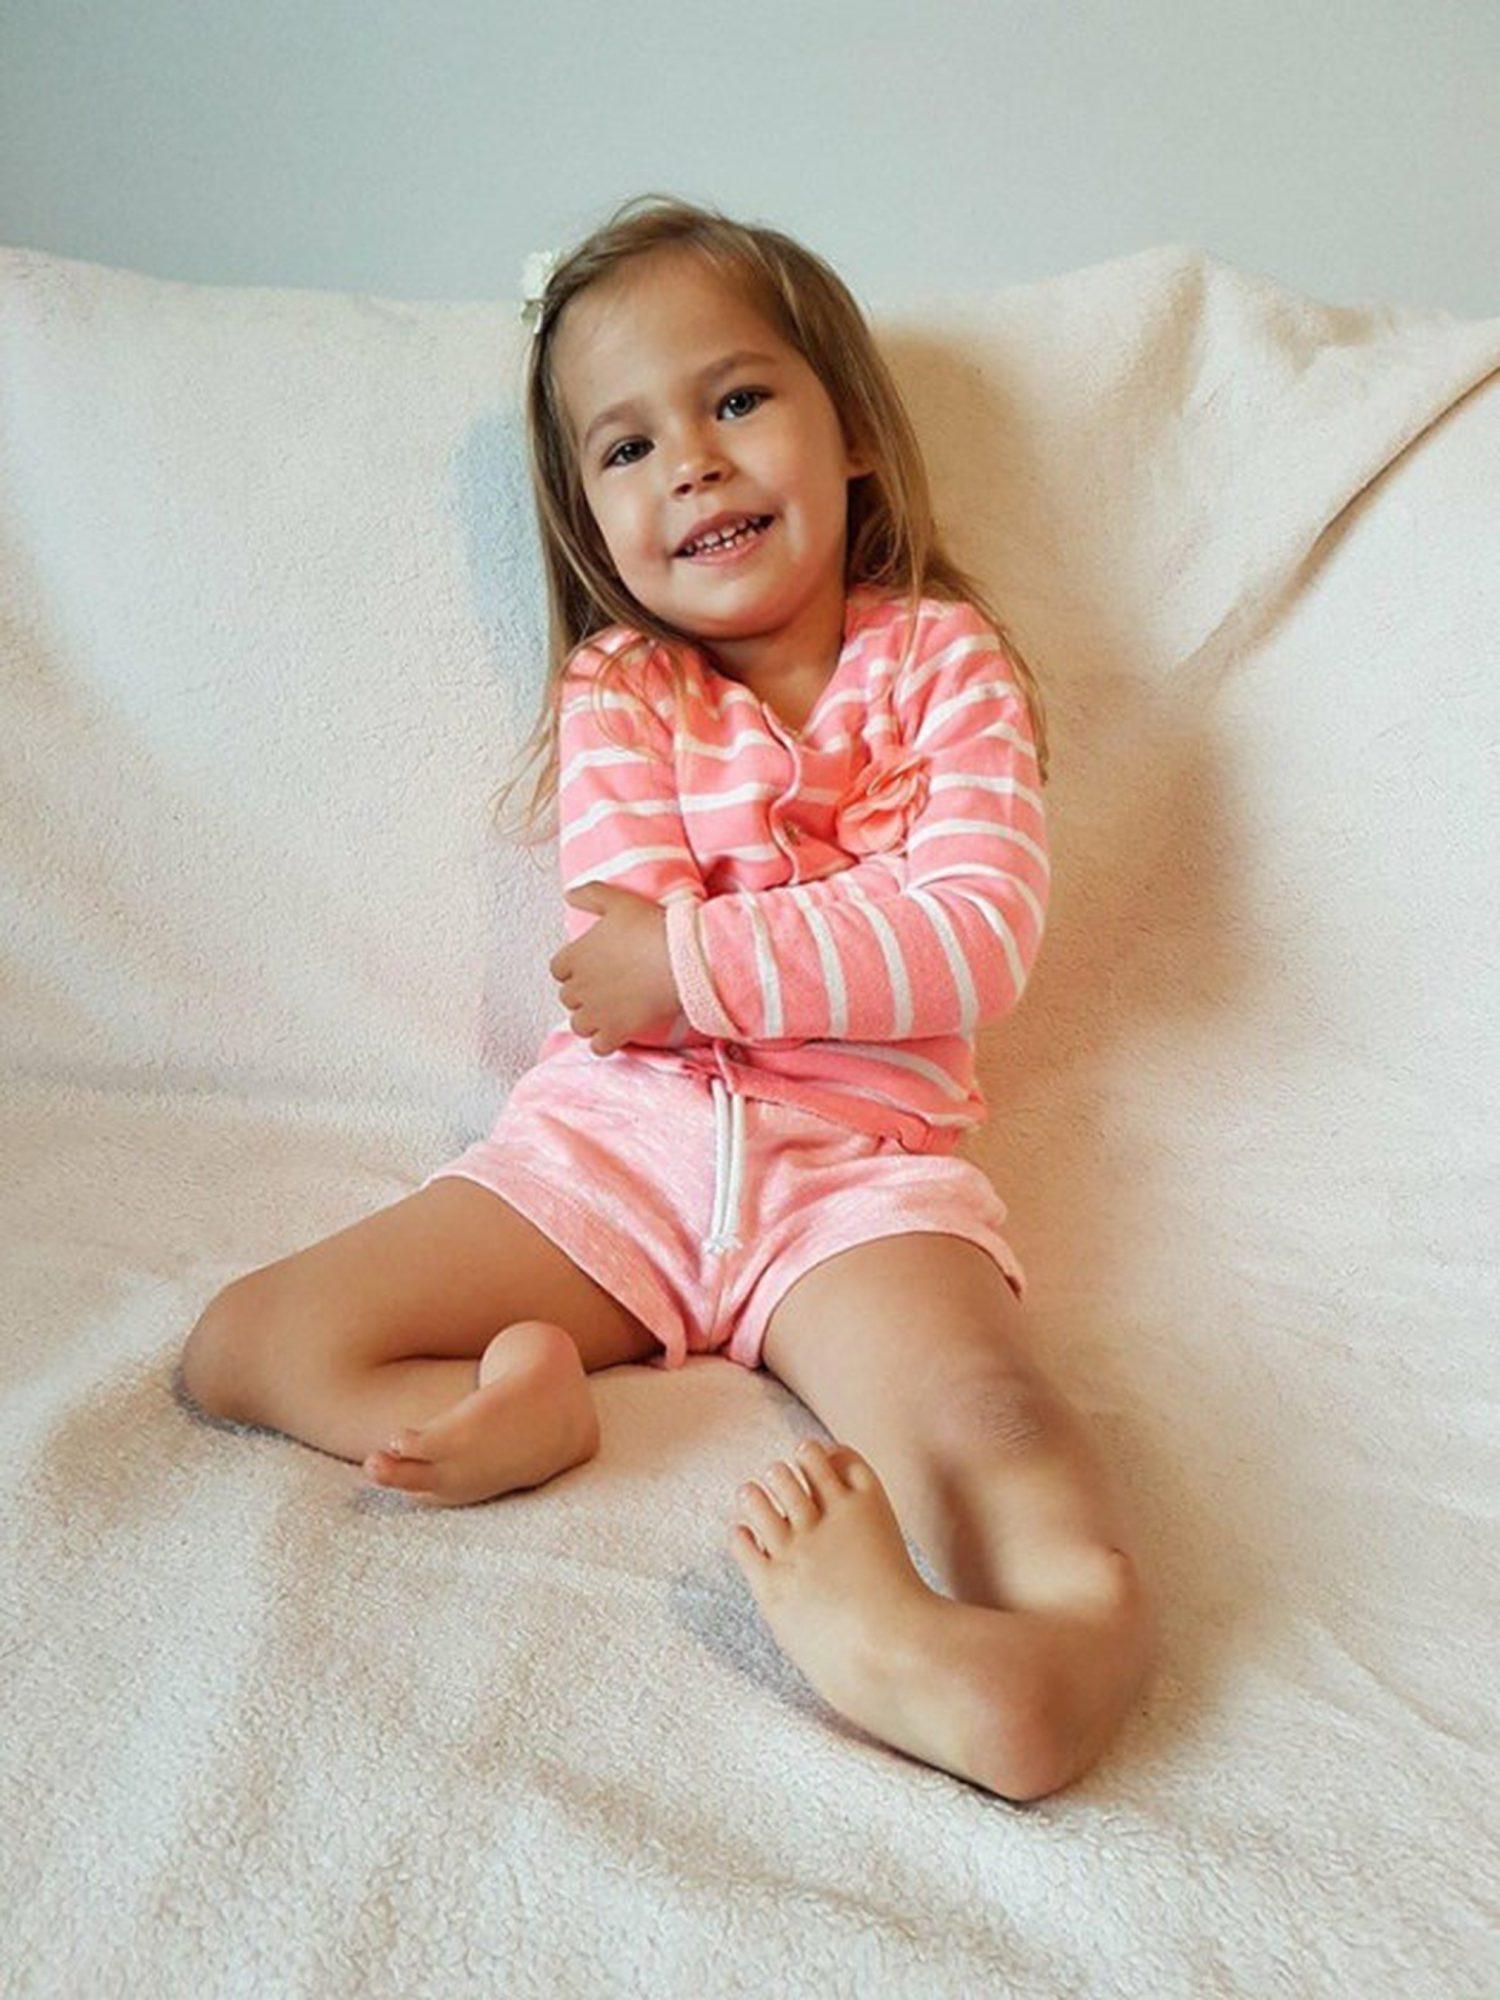 Girl Born with 'Backward' Legs